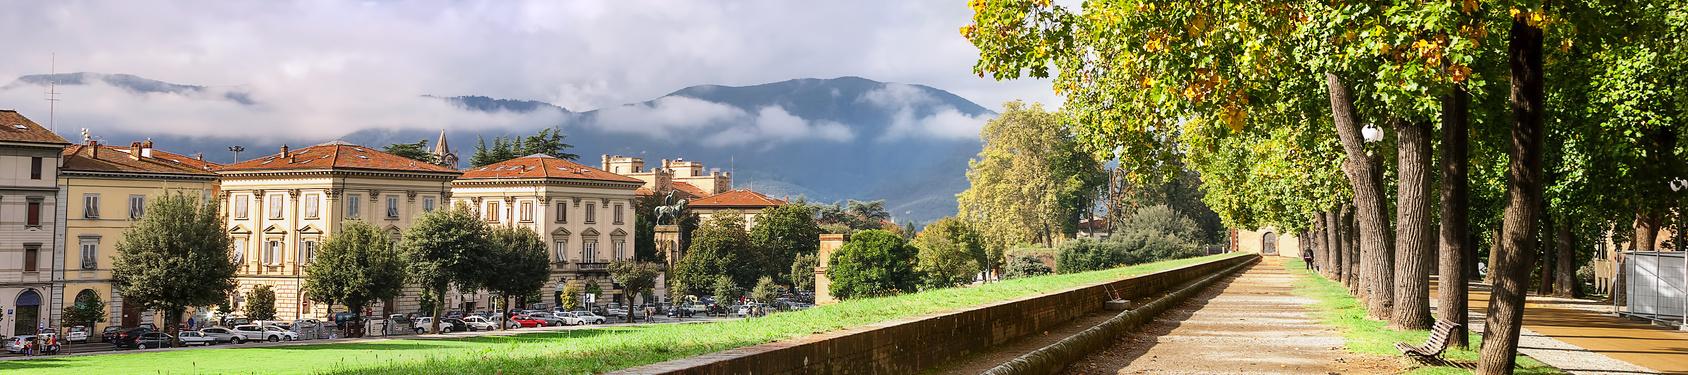 Bild von Lucca